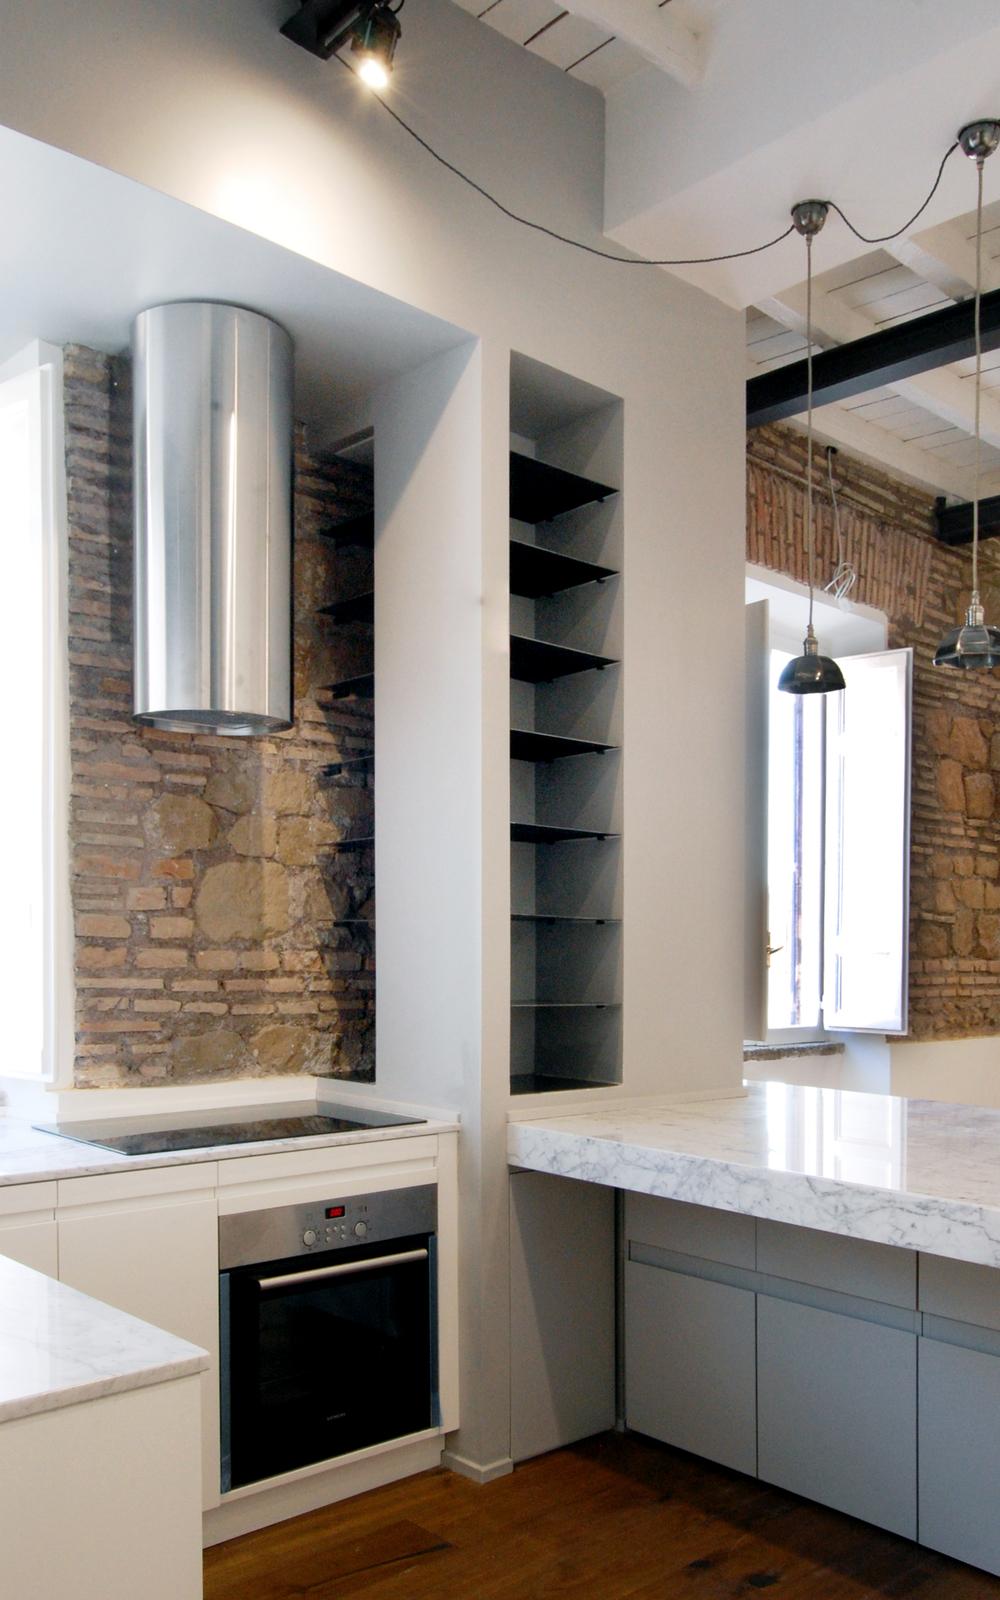 La cucina aperta sul living, con la zona cottura contenuta nello spessore del setto di servizio grigio e riparata alla vista dal piano in marmo.